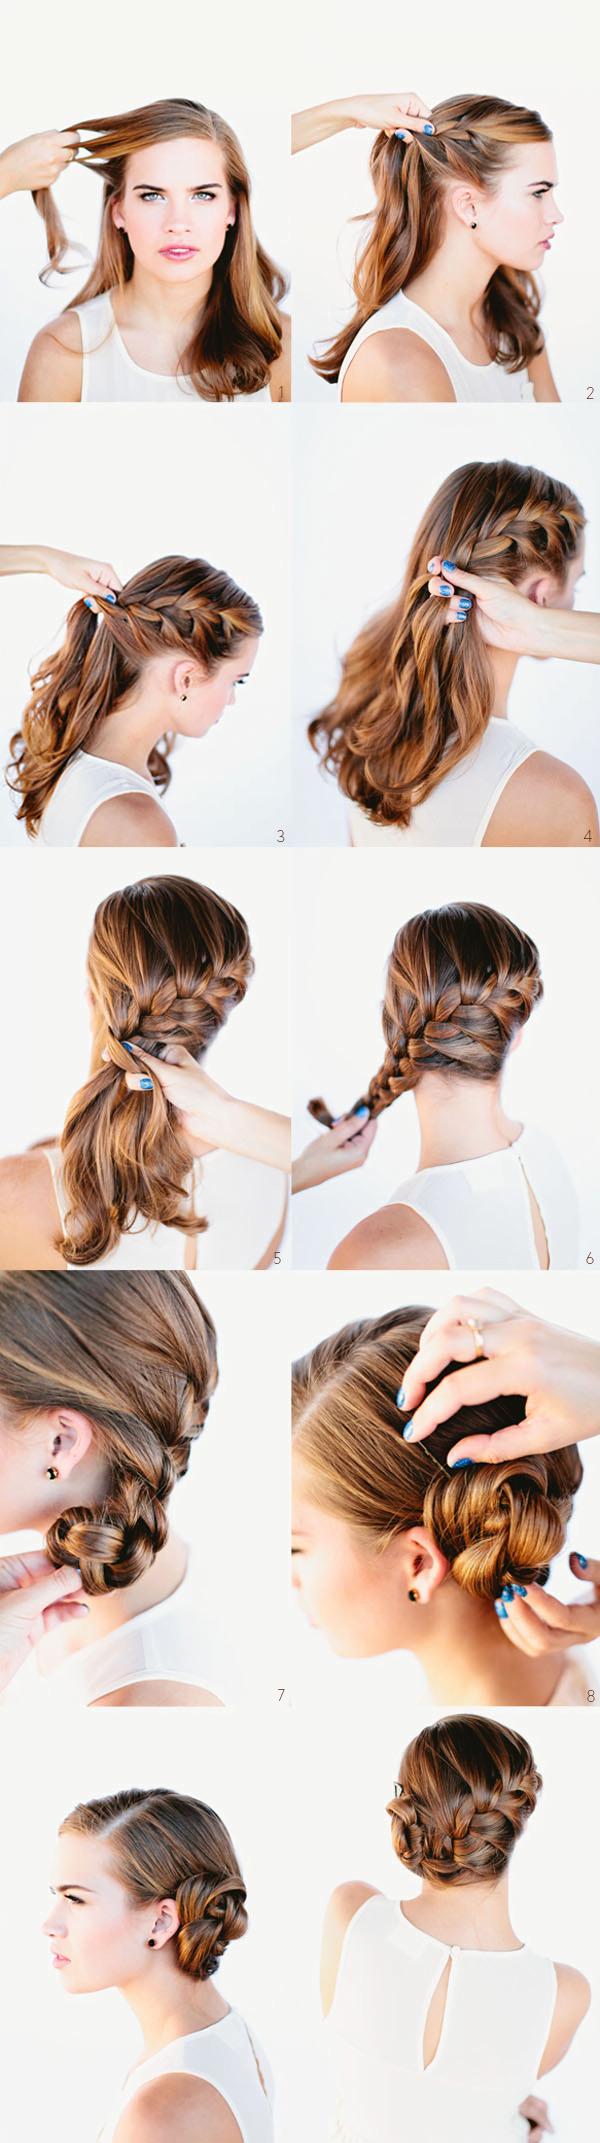 Coafură deosebită cu părul împletit, Foto: fashiondivadesign.com